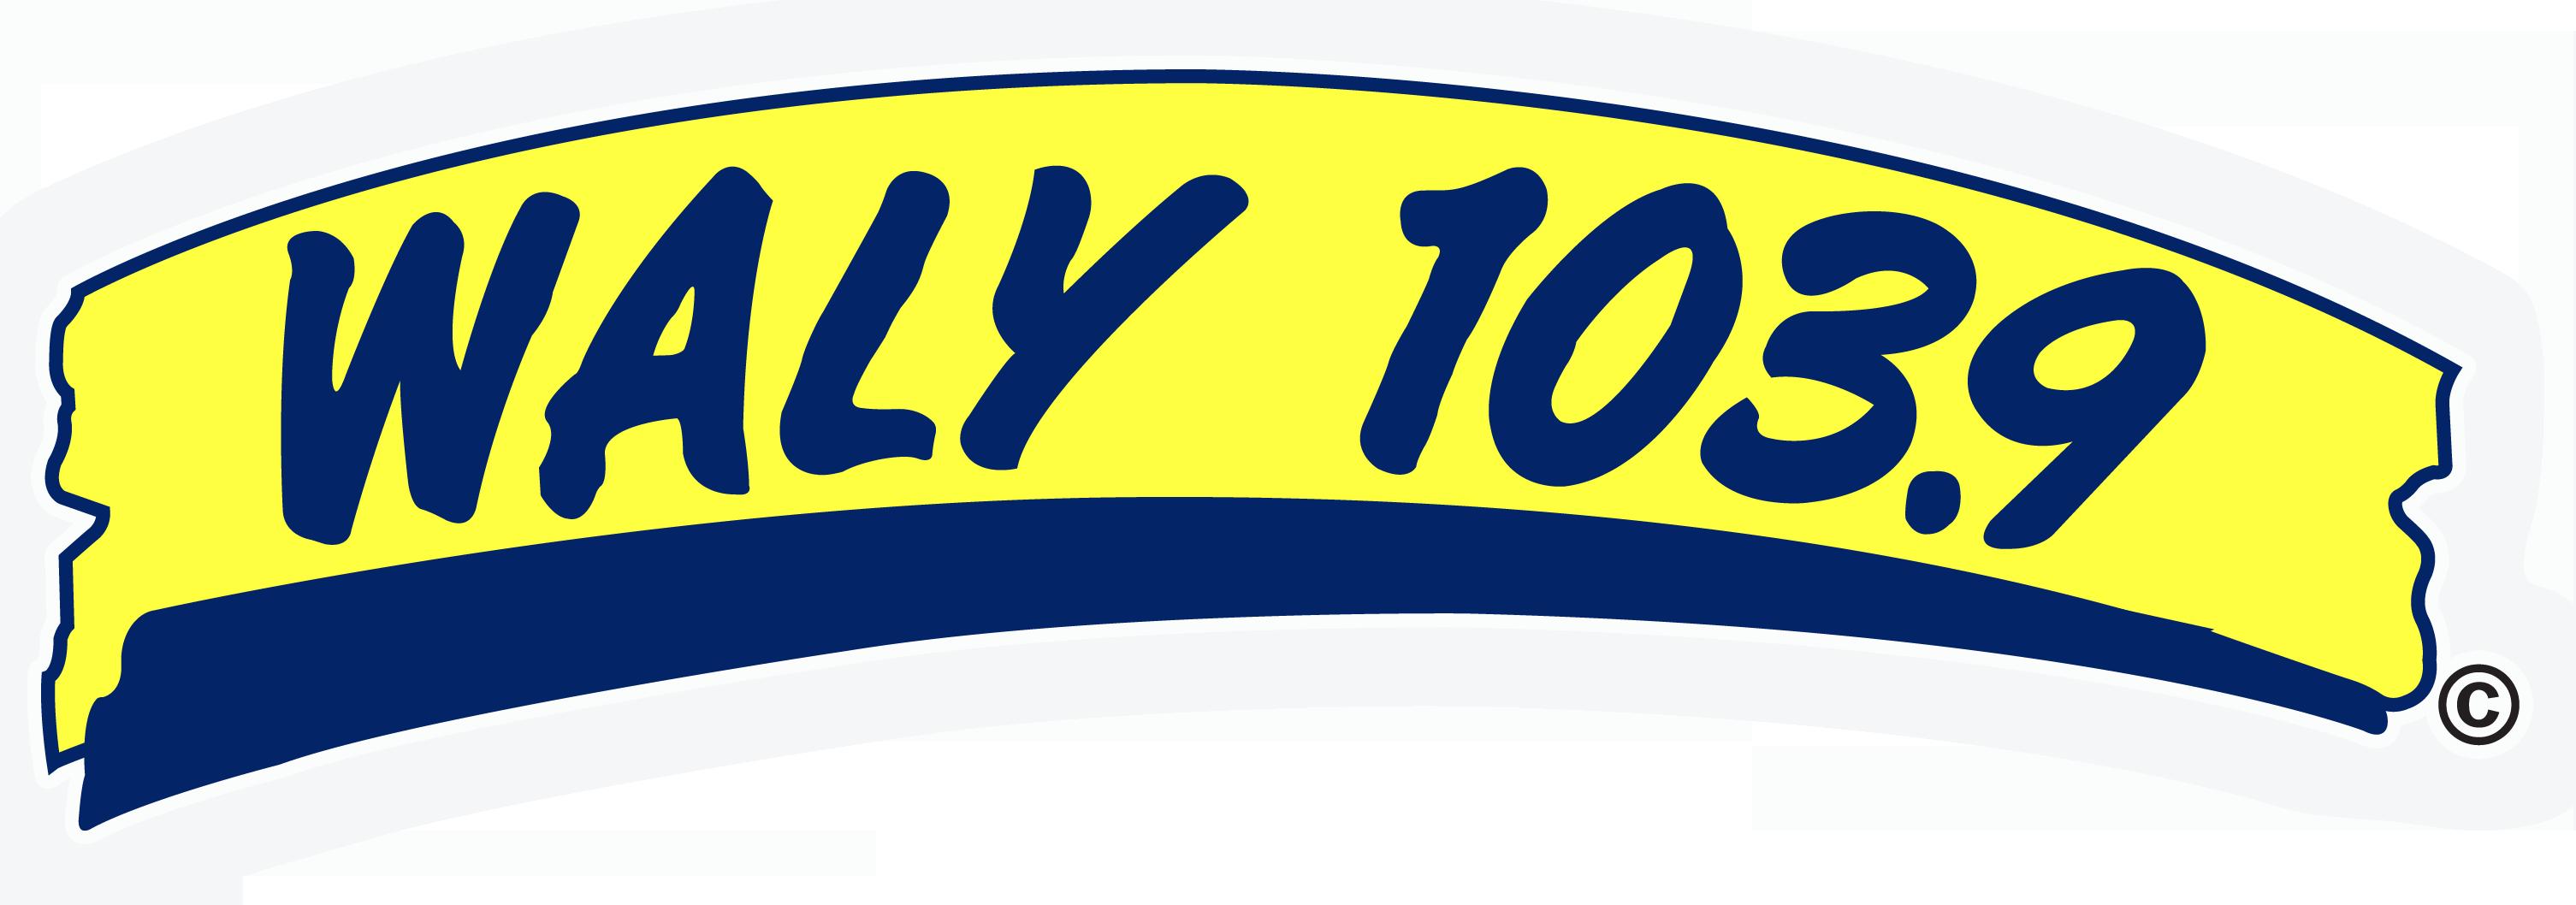 Waly 103.9